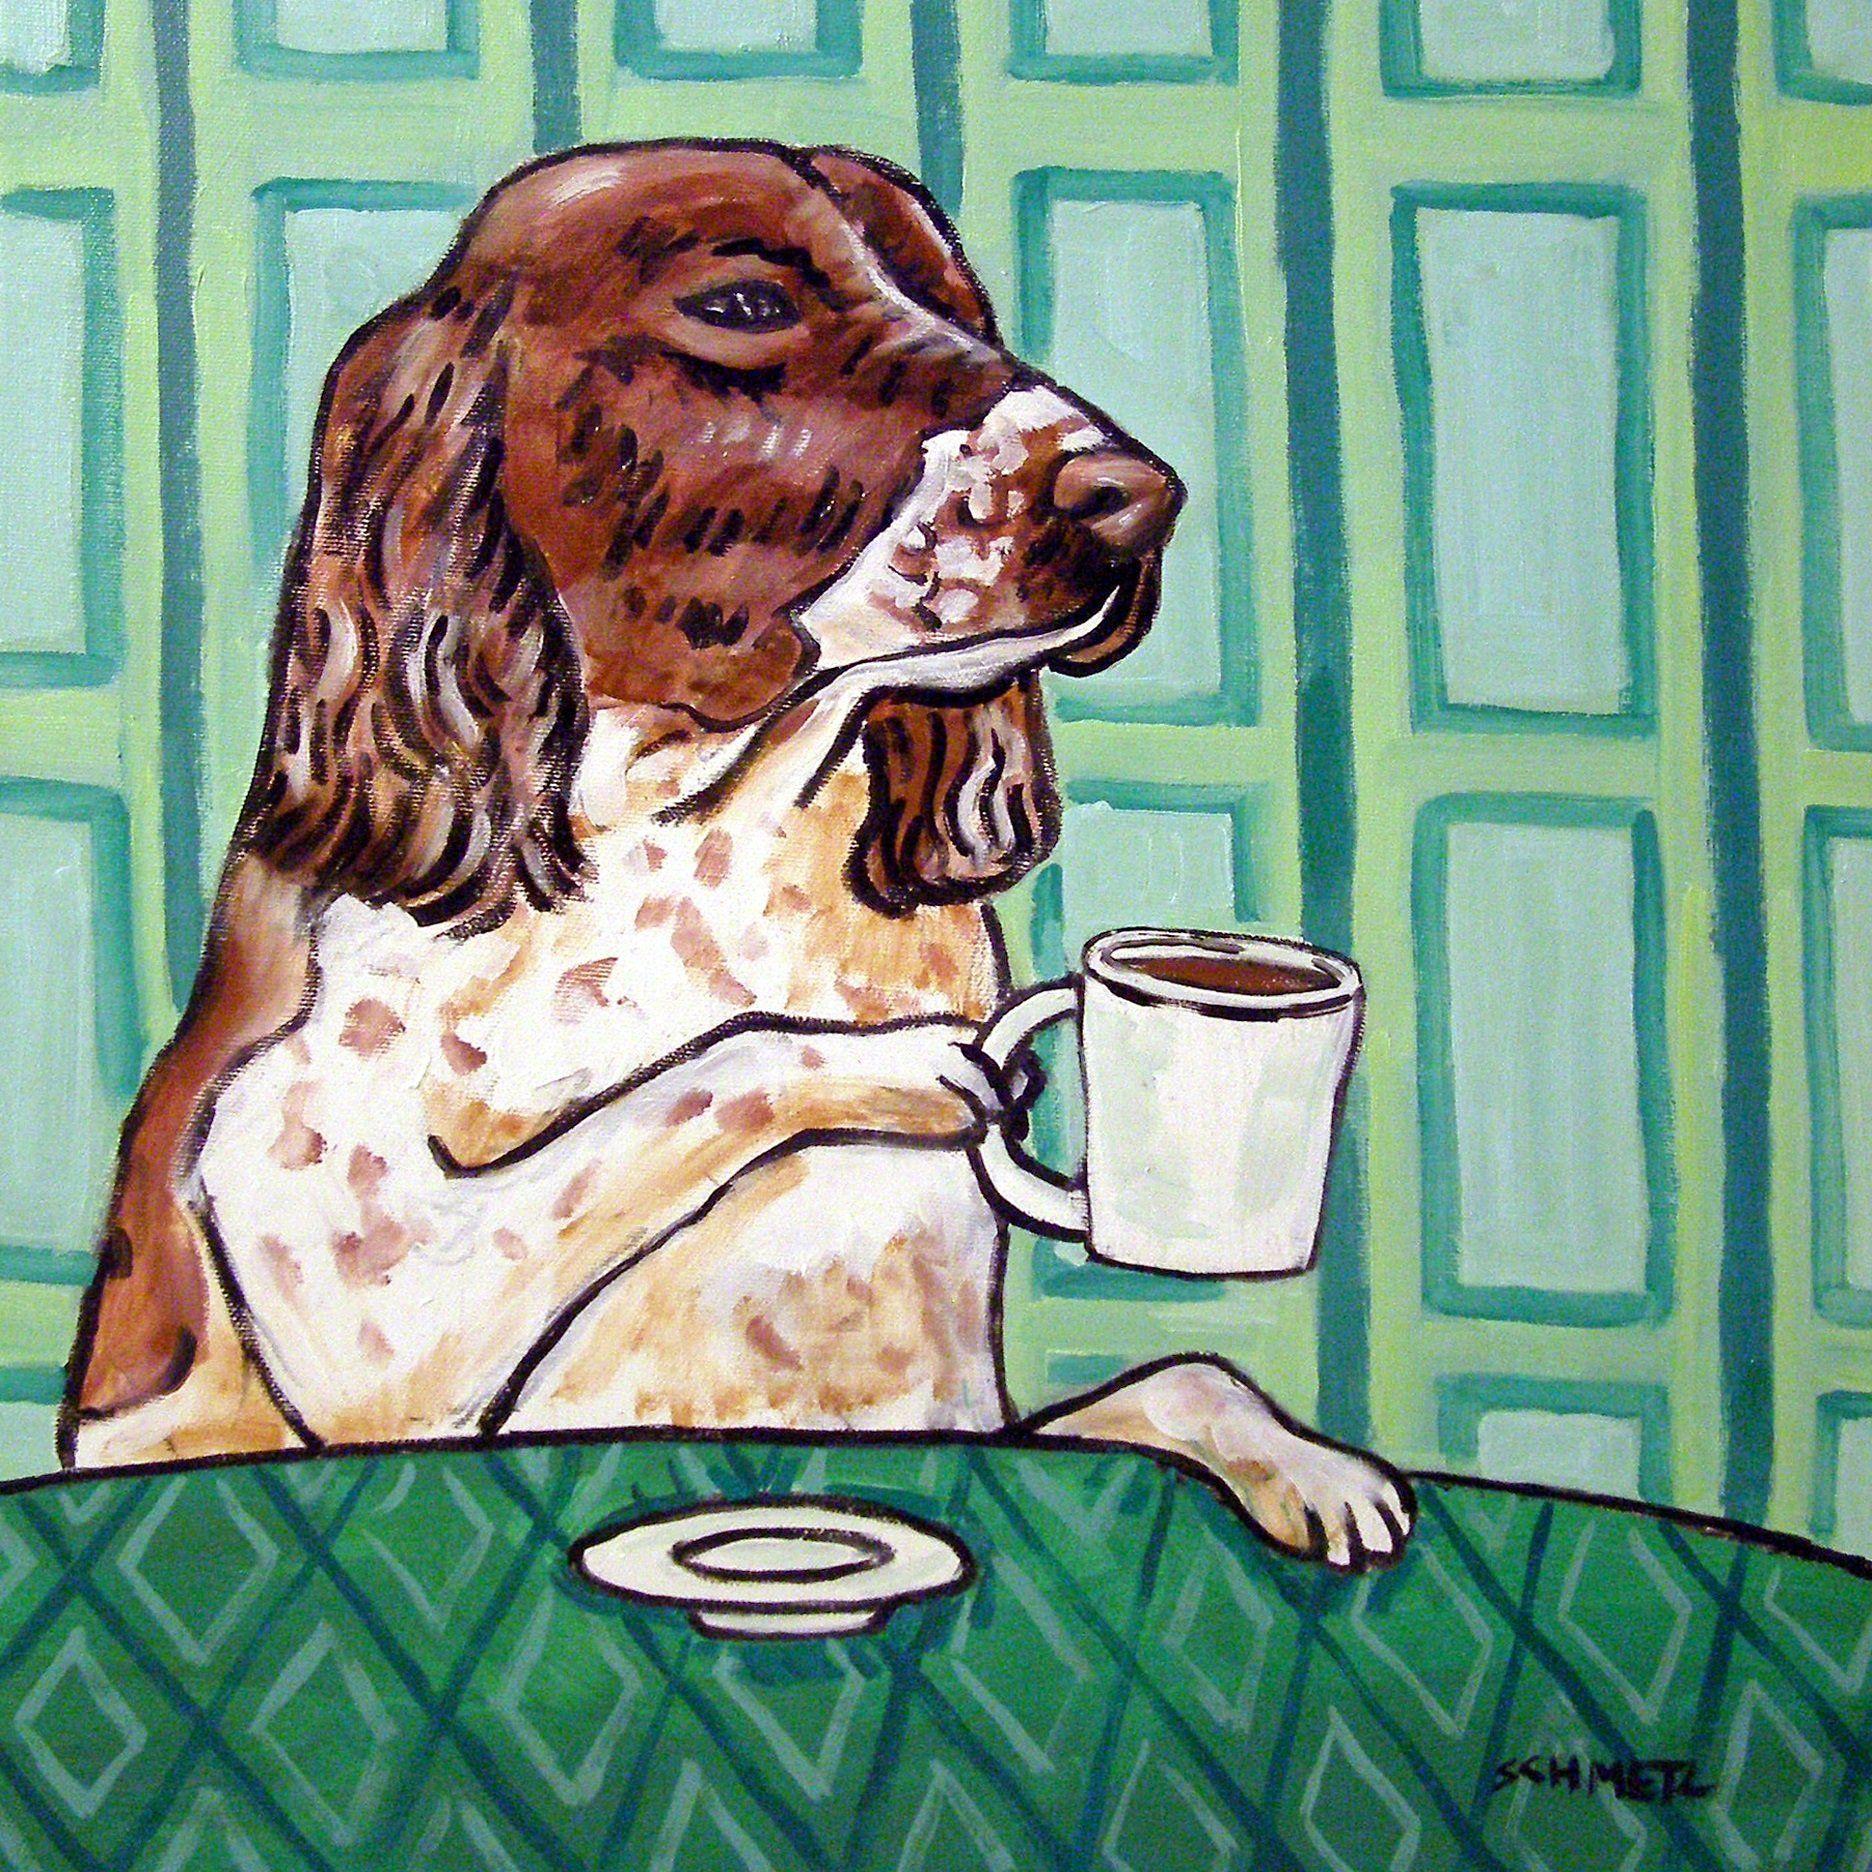 english springer spaniel coffee cafe decor dog art tile coaster gift 425 x 425 inch - Cork Cafe Decor